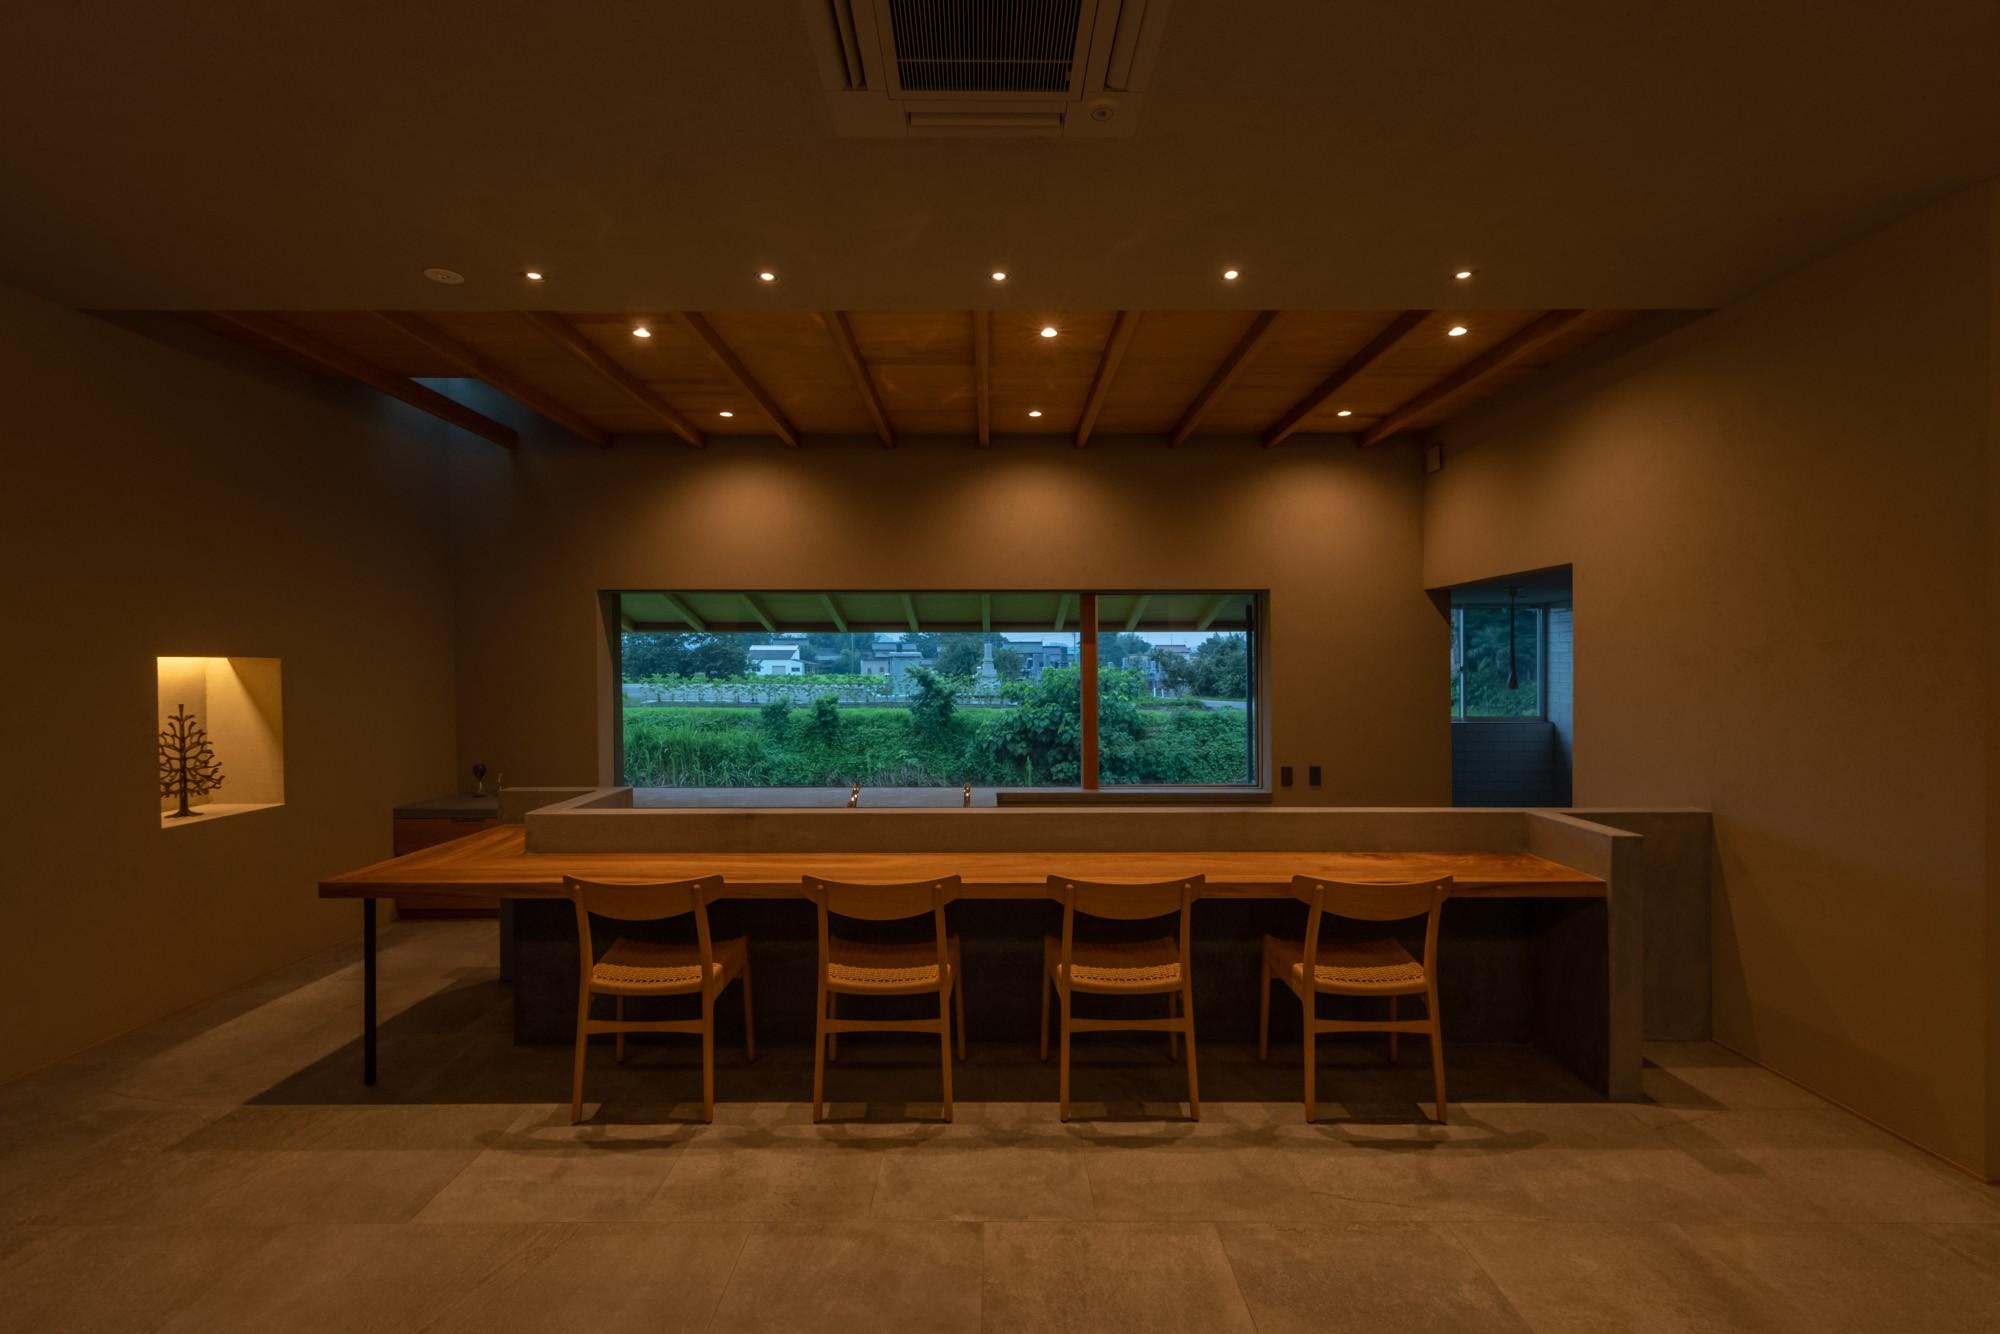 その他事例:カウンター席(川沿いのカフェ)